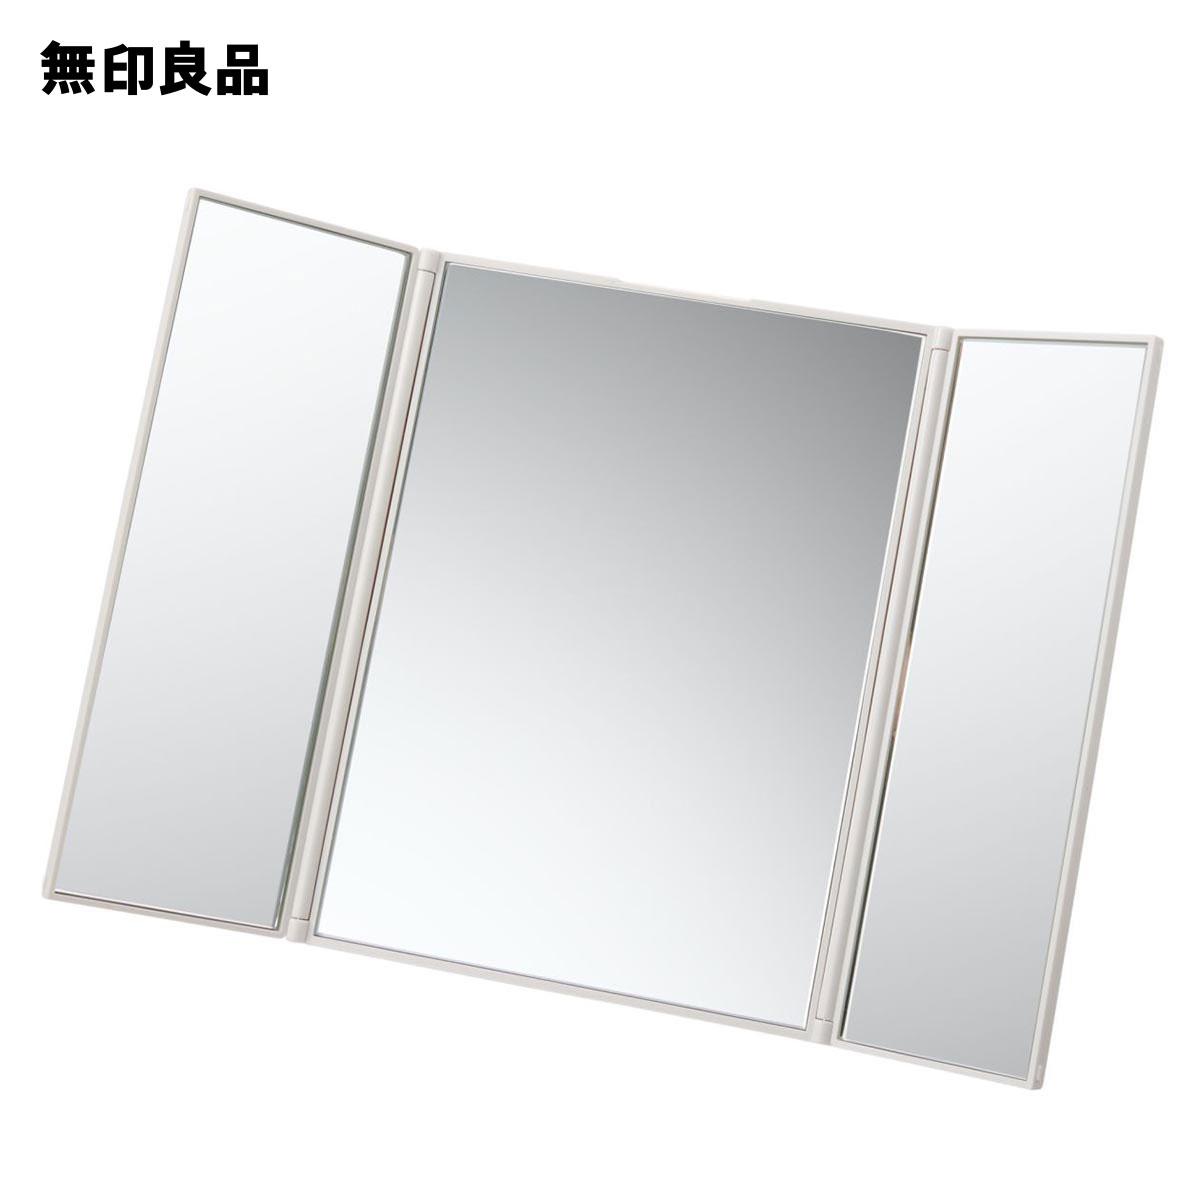 超美品再入荷品質至上 無印良品 安い 激安 プチプラ 高品質 公式 スチロール折りたたみ3面鏡153×122×12mm